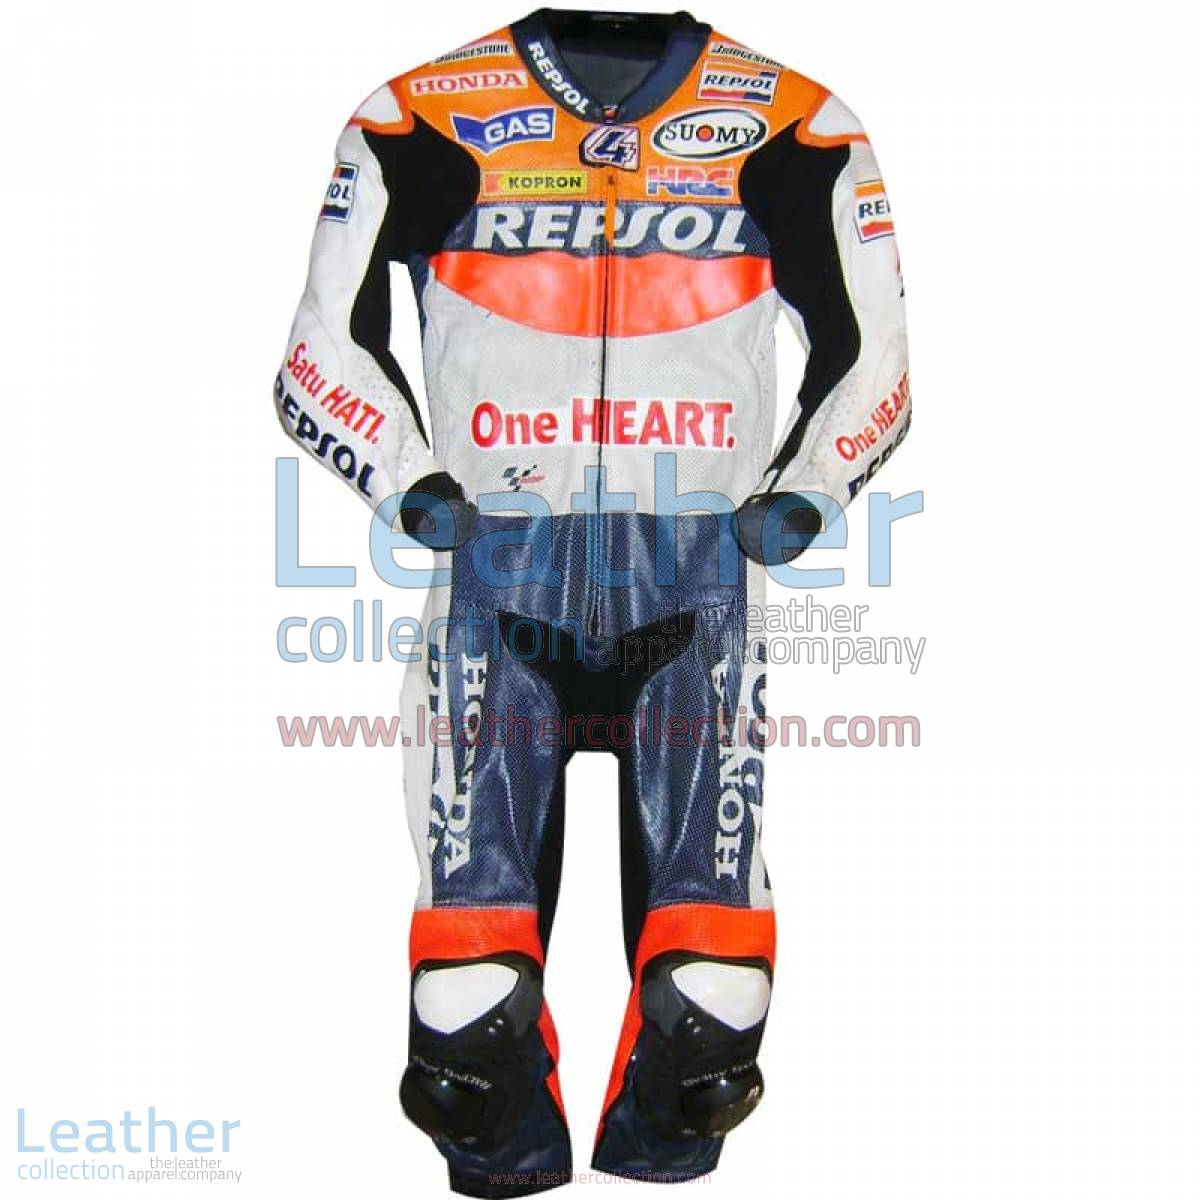 Andrea Dovizioso Repsol Honda 2010 MotoGP Leathers